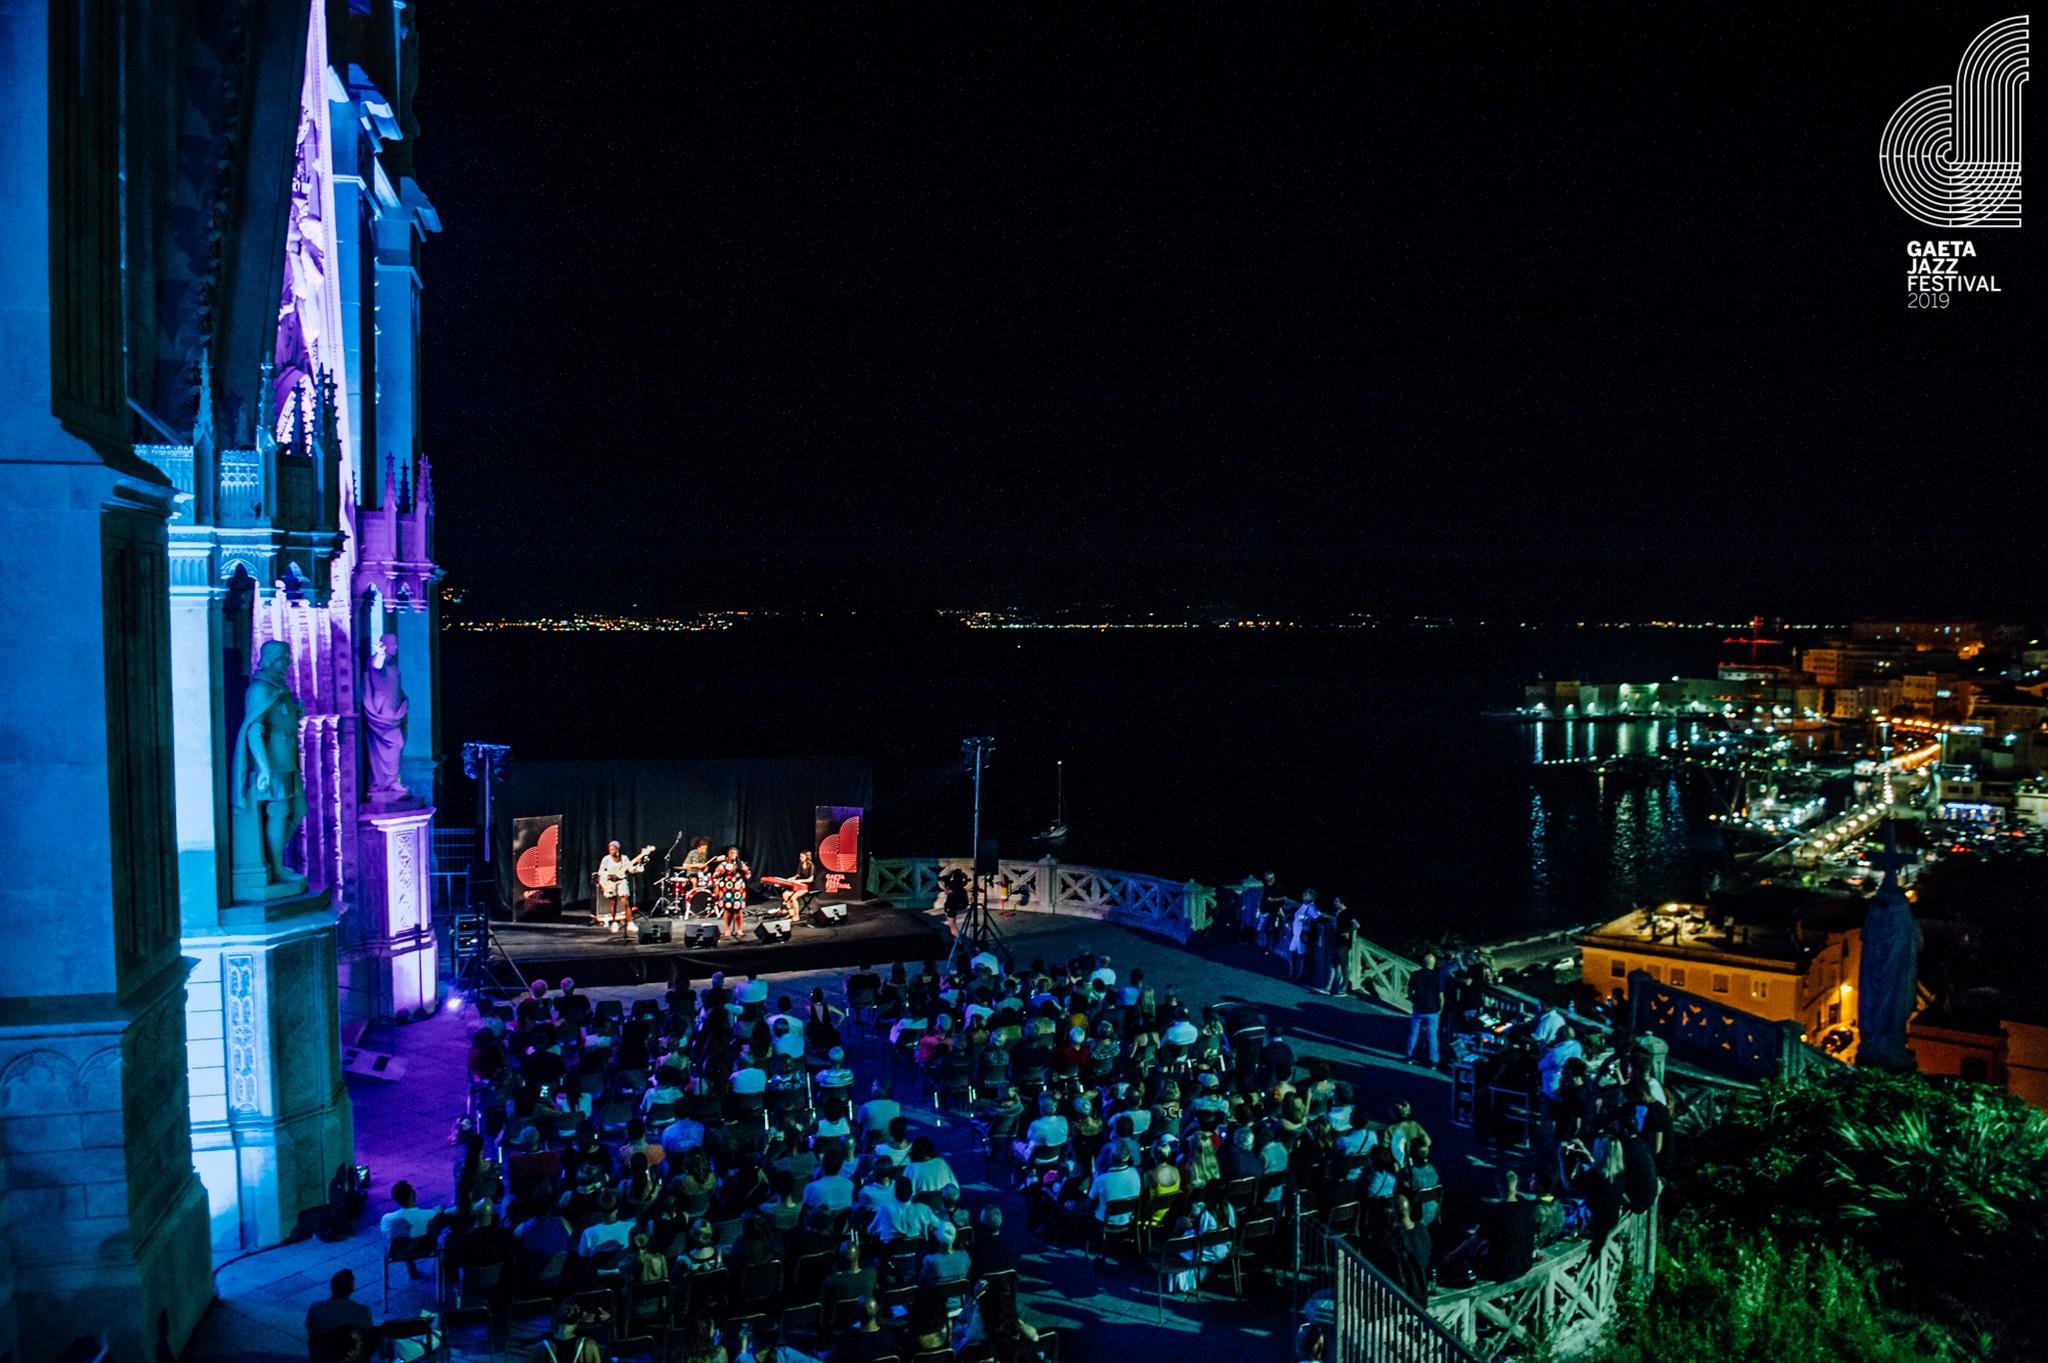 Flavia_Fiengo_Gaeta_Jazz_Festival_live_2019__00012